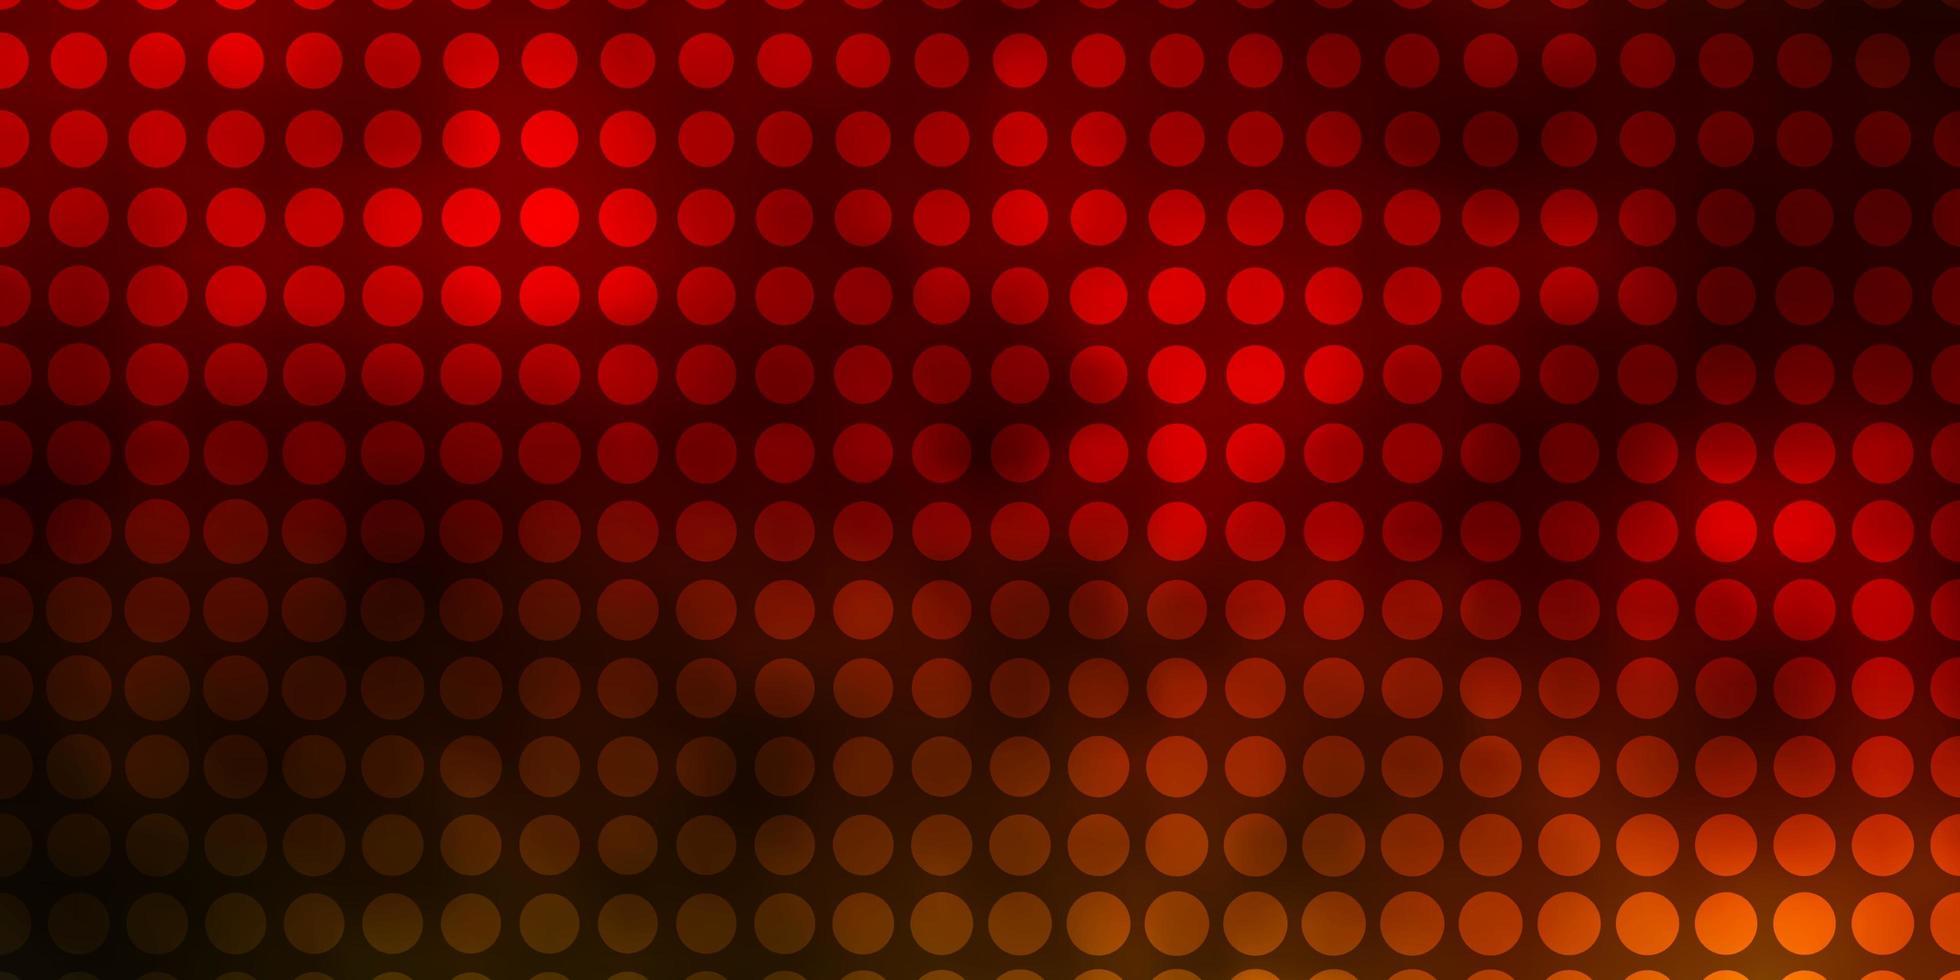 fond rouge foncé avec des cercles. vecteur